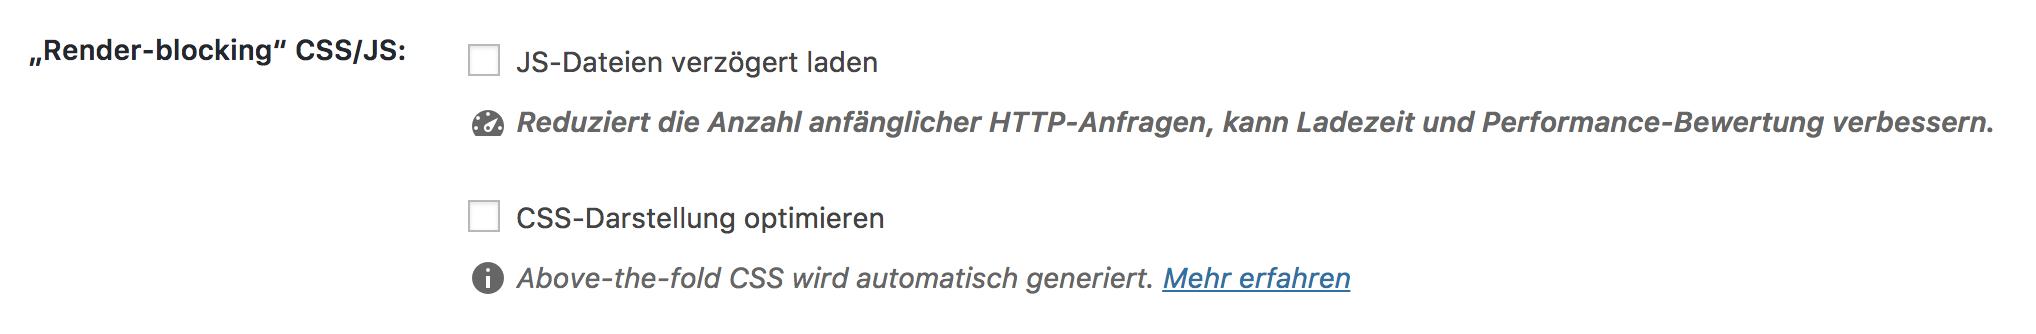 """Optionen """"CSS-Darstellung optimieren"""" und """"JS-Dateien verzögert laden"""""""